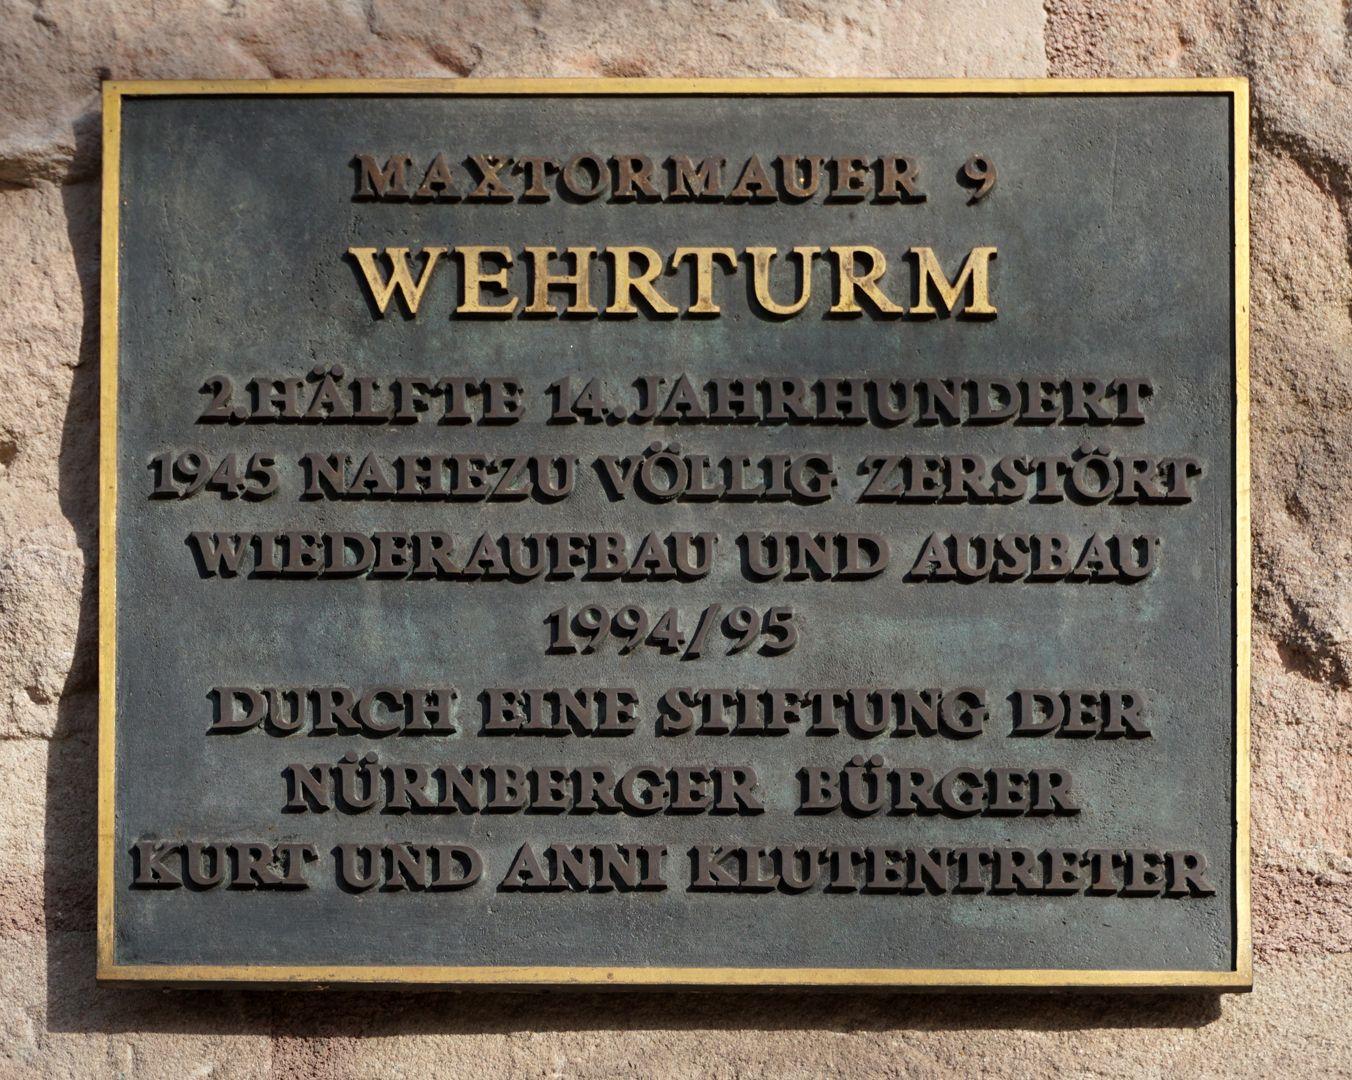 Wehrturm (Schwarz H) Stiftertafel